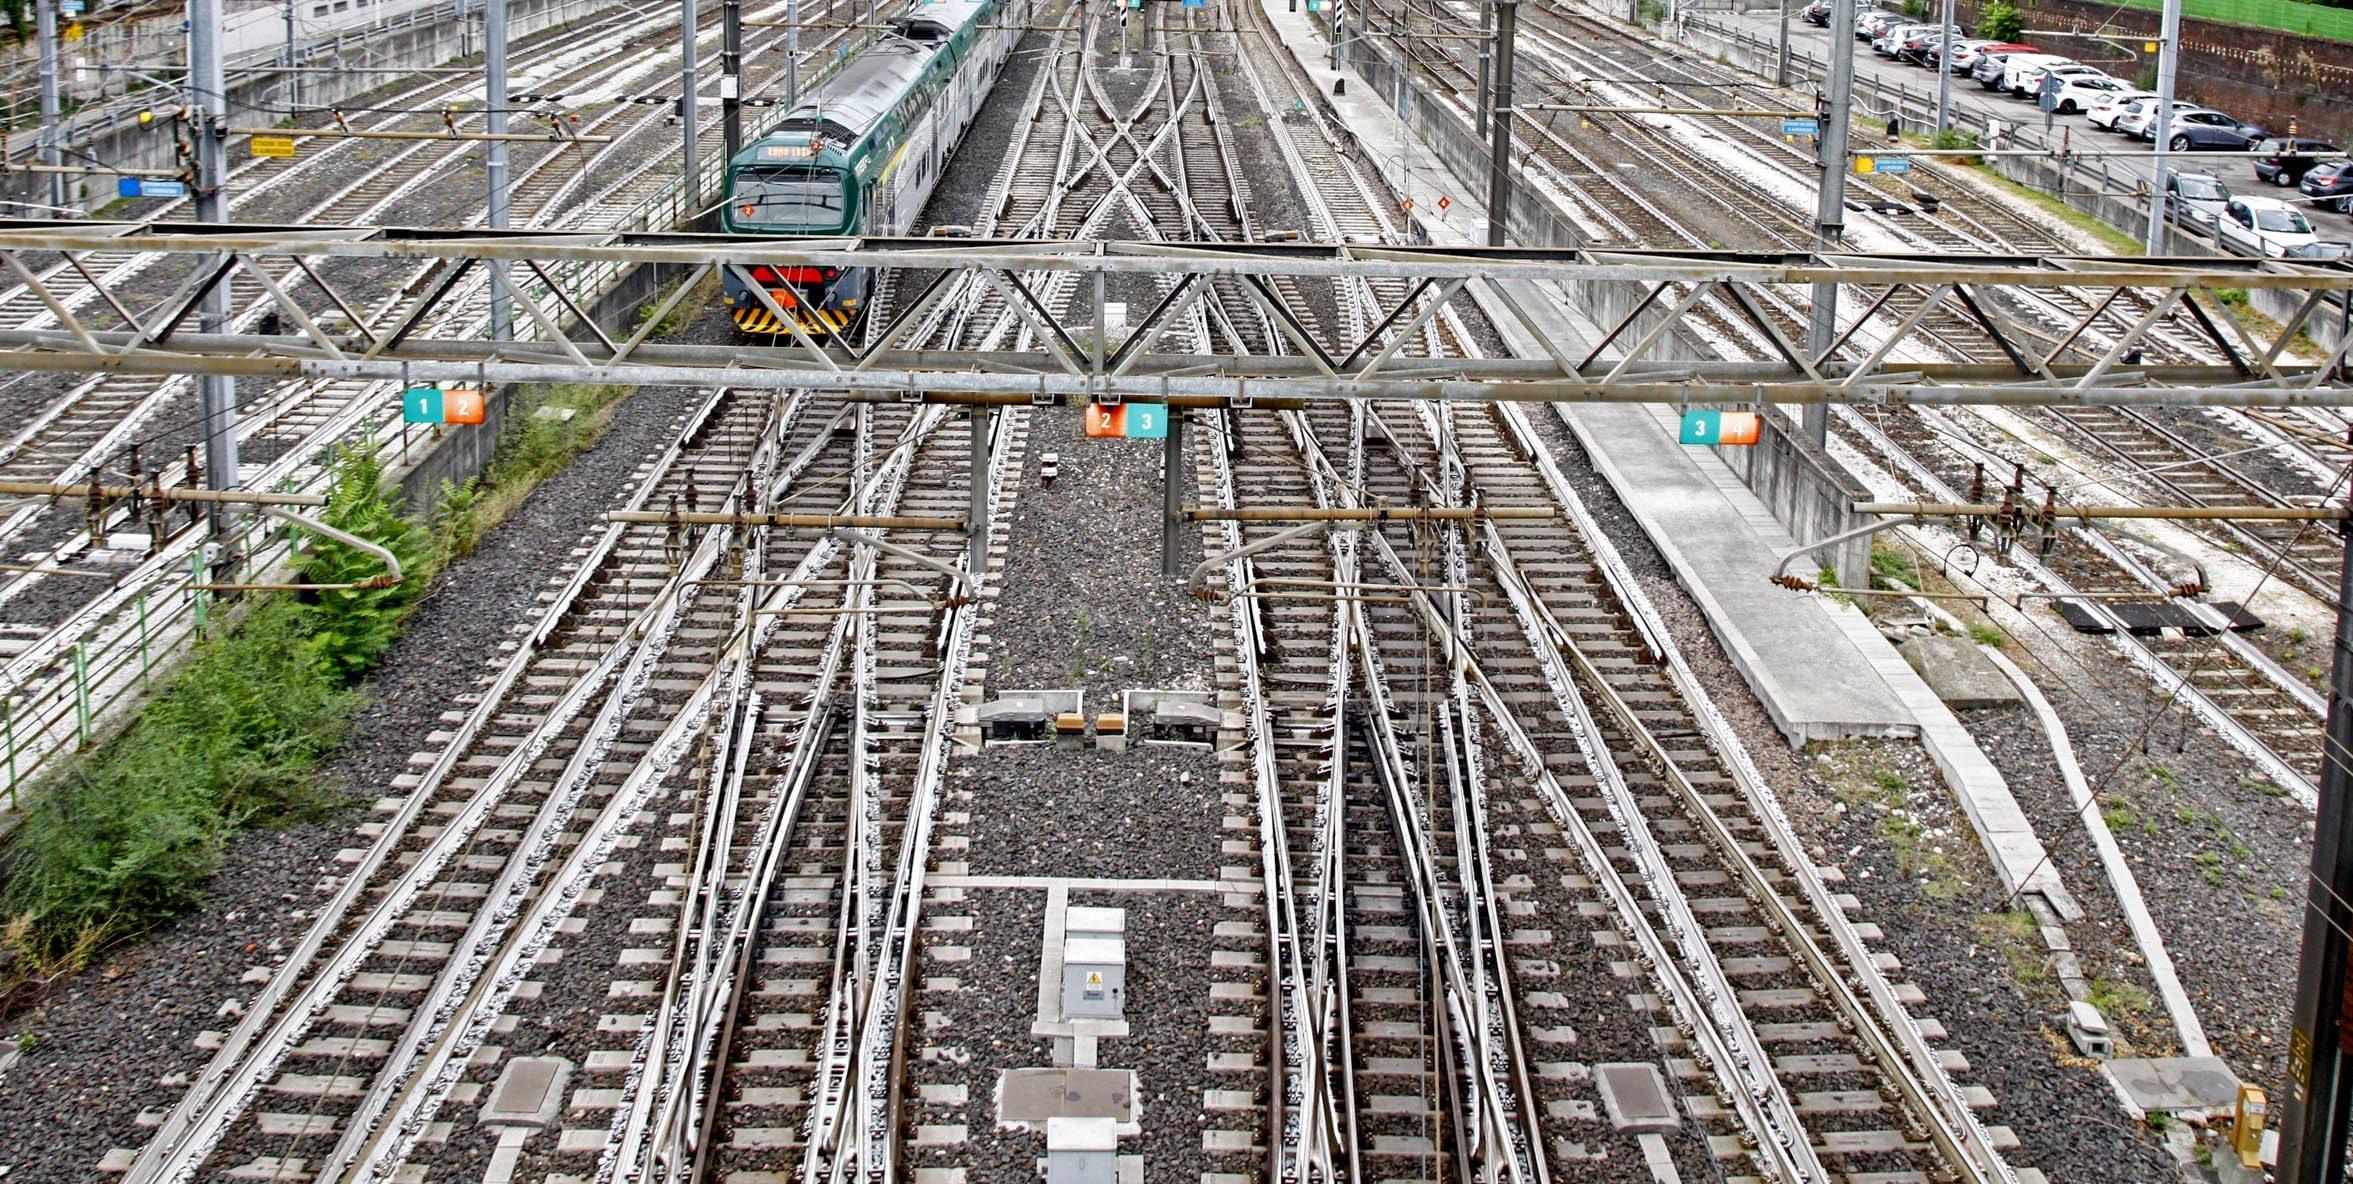 Le mani della Camorra sugli appalti delle Ferrovie dello Stato: così i Casalesi controllavano Rfi